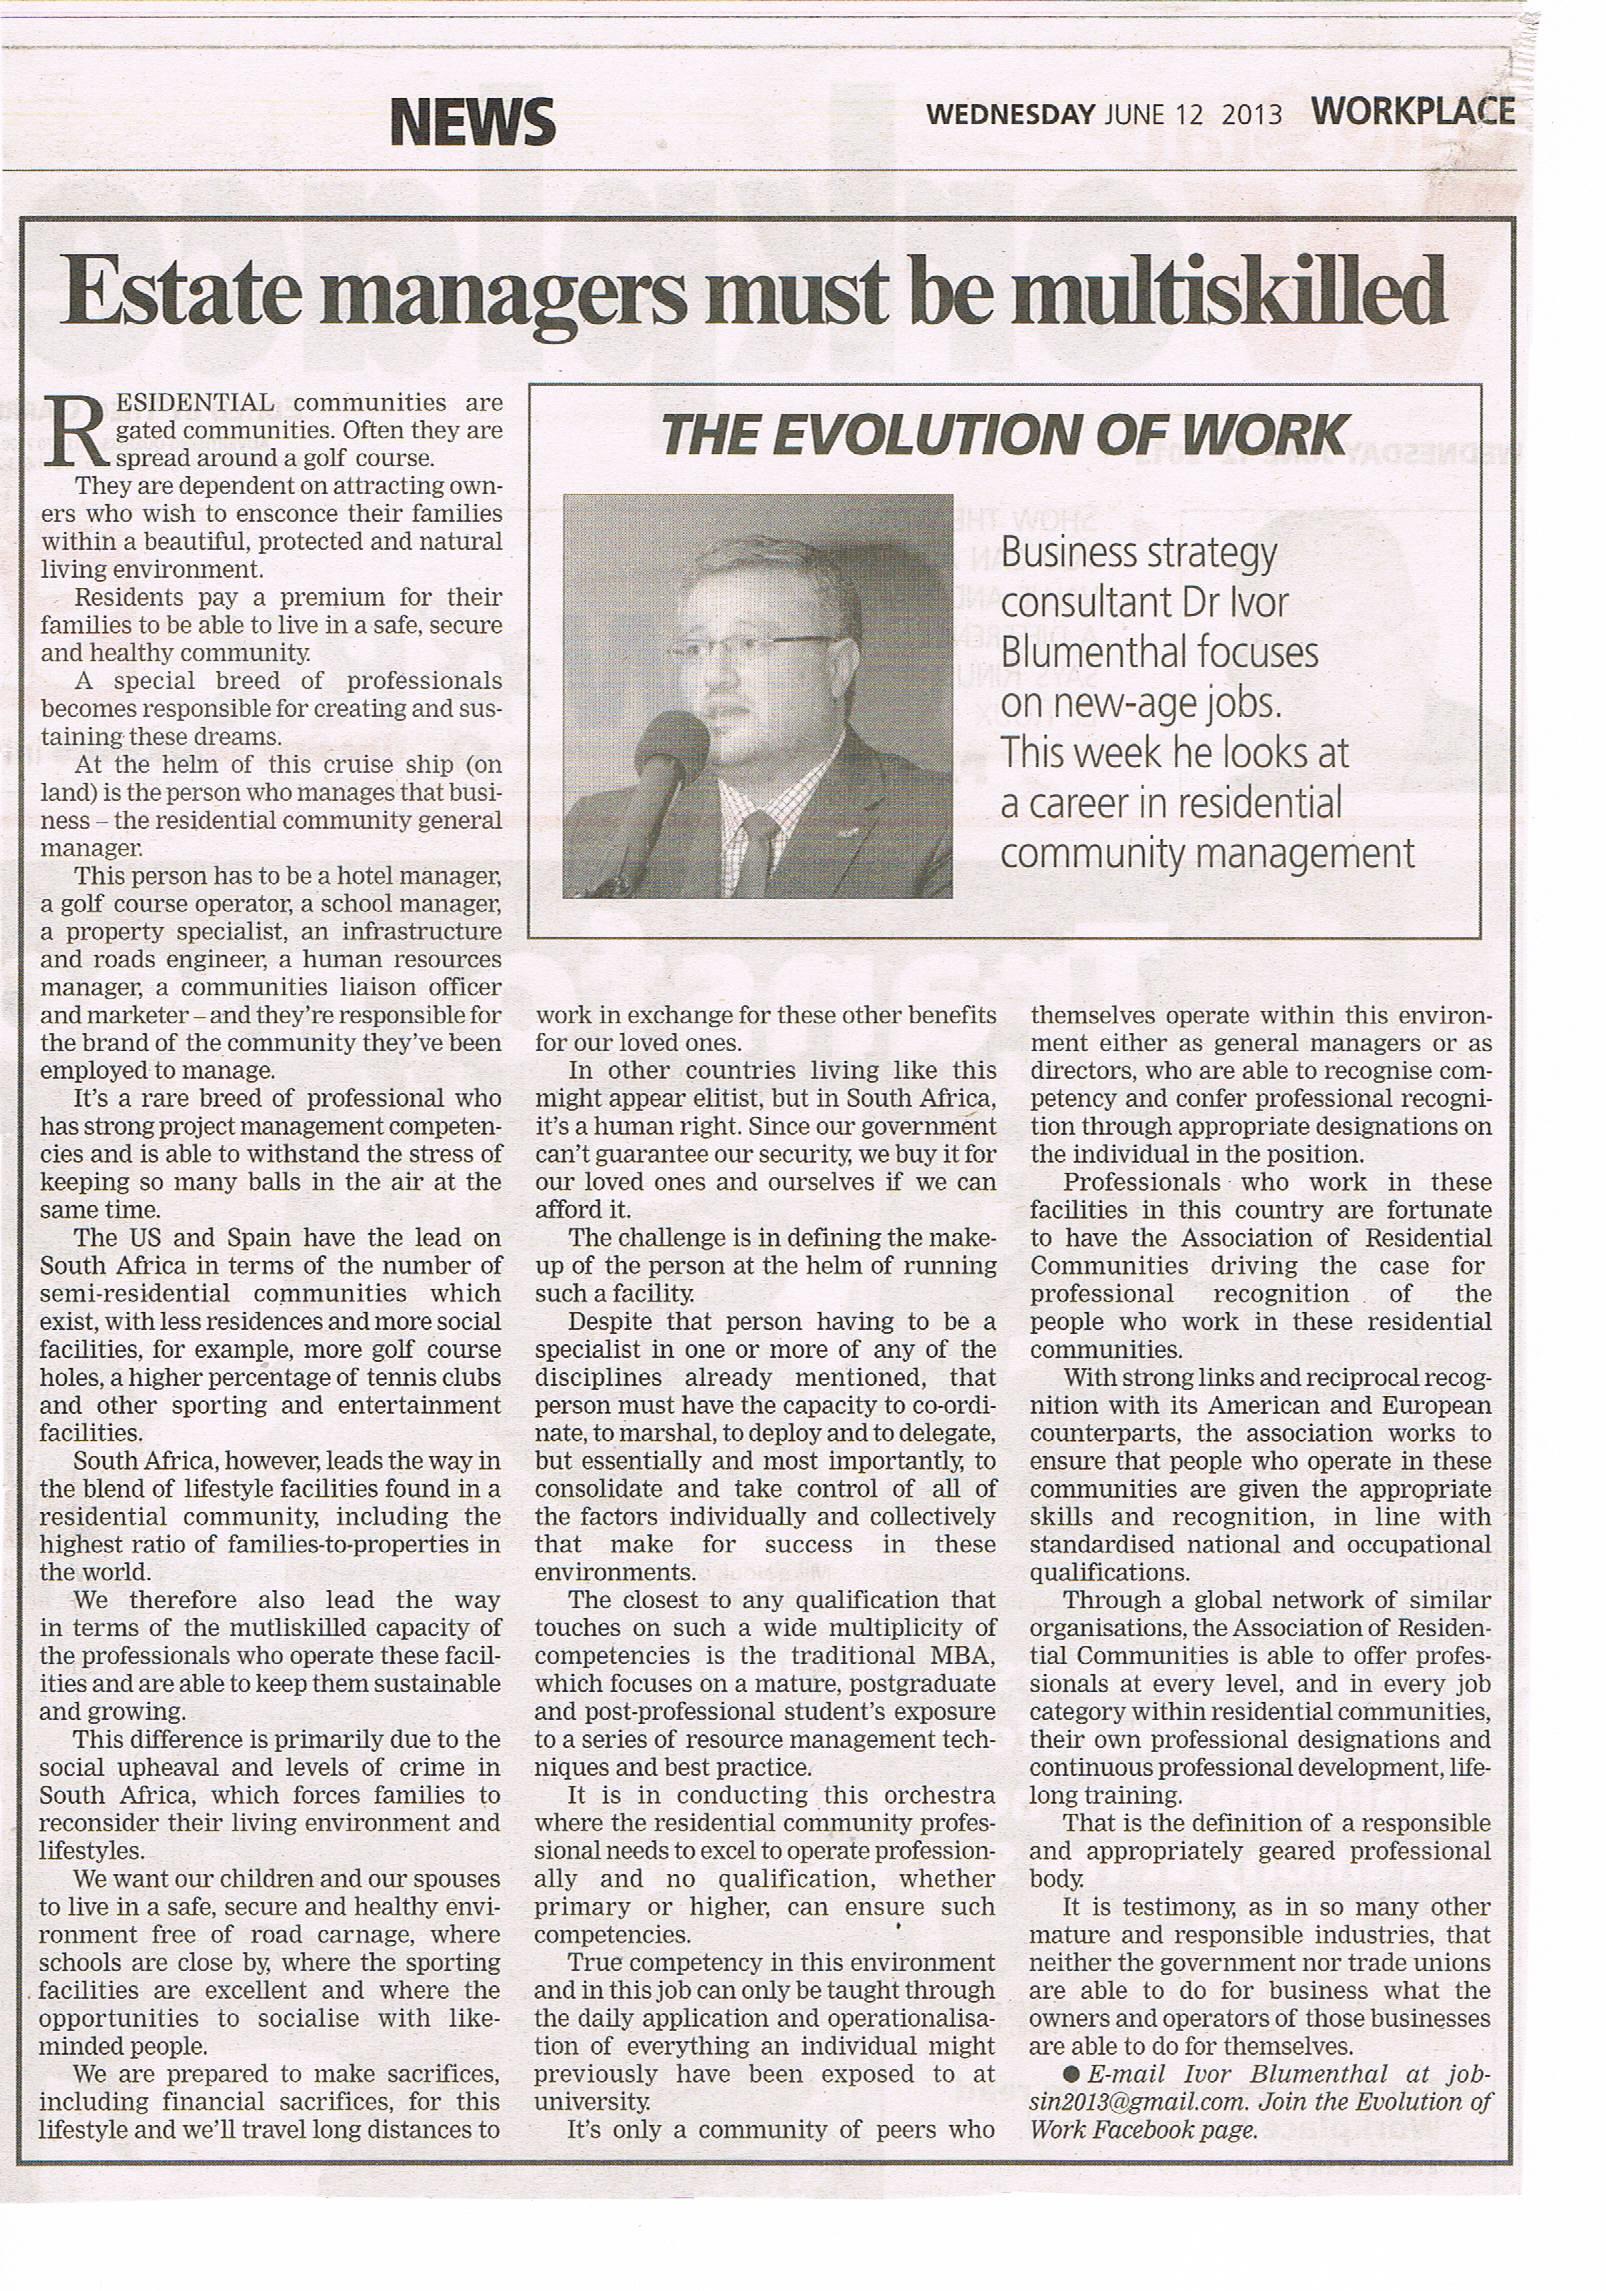 PRESS RELEASE - Estate Managers Must be Multiskilled - Dr Ivor Blumenthal